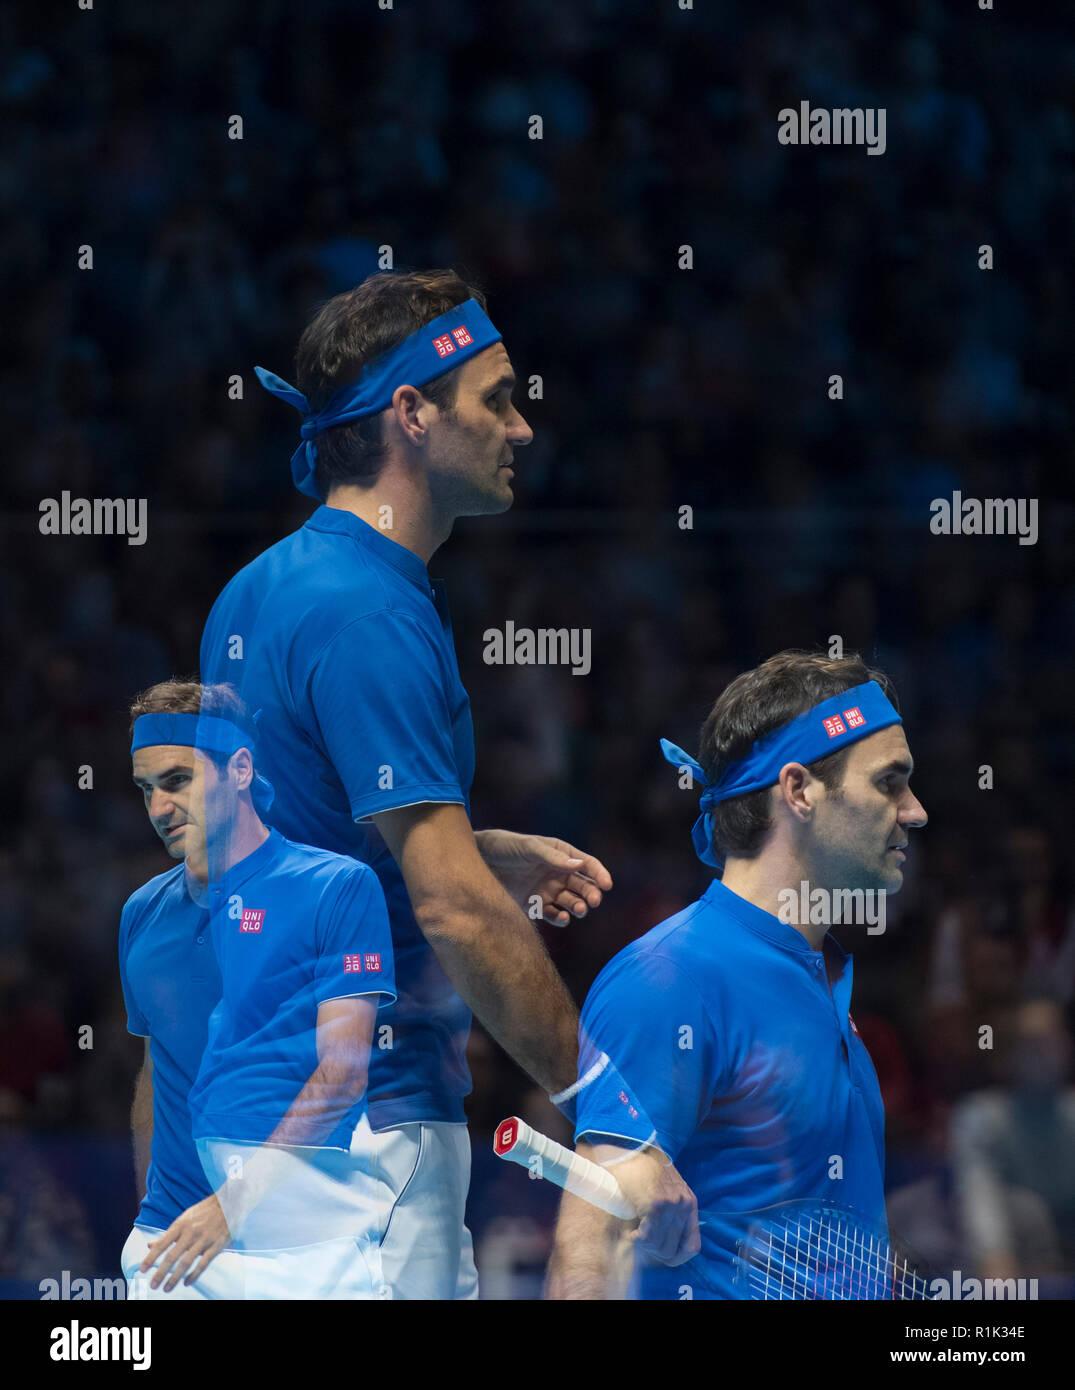 Roger Federer In 2018 Stock Photos   Roger Federer In 2018 Stock ... c2bafa1f7ebc